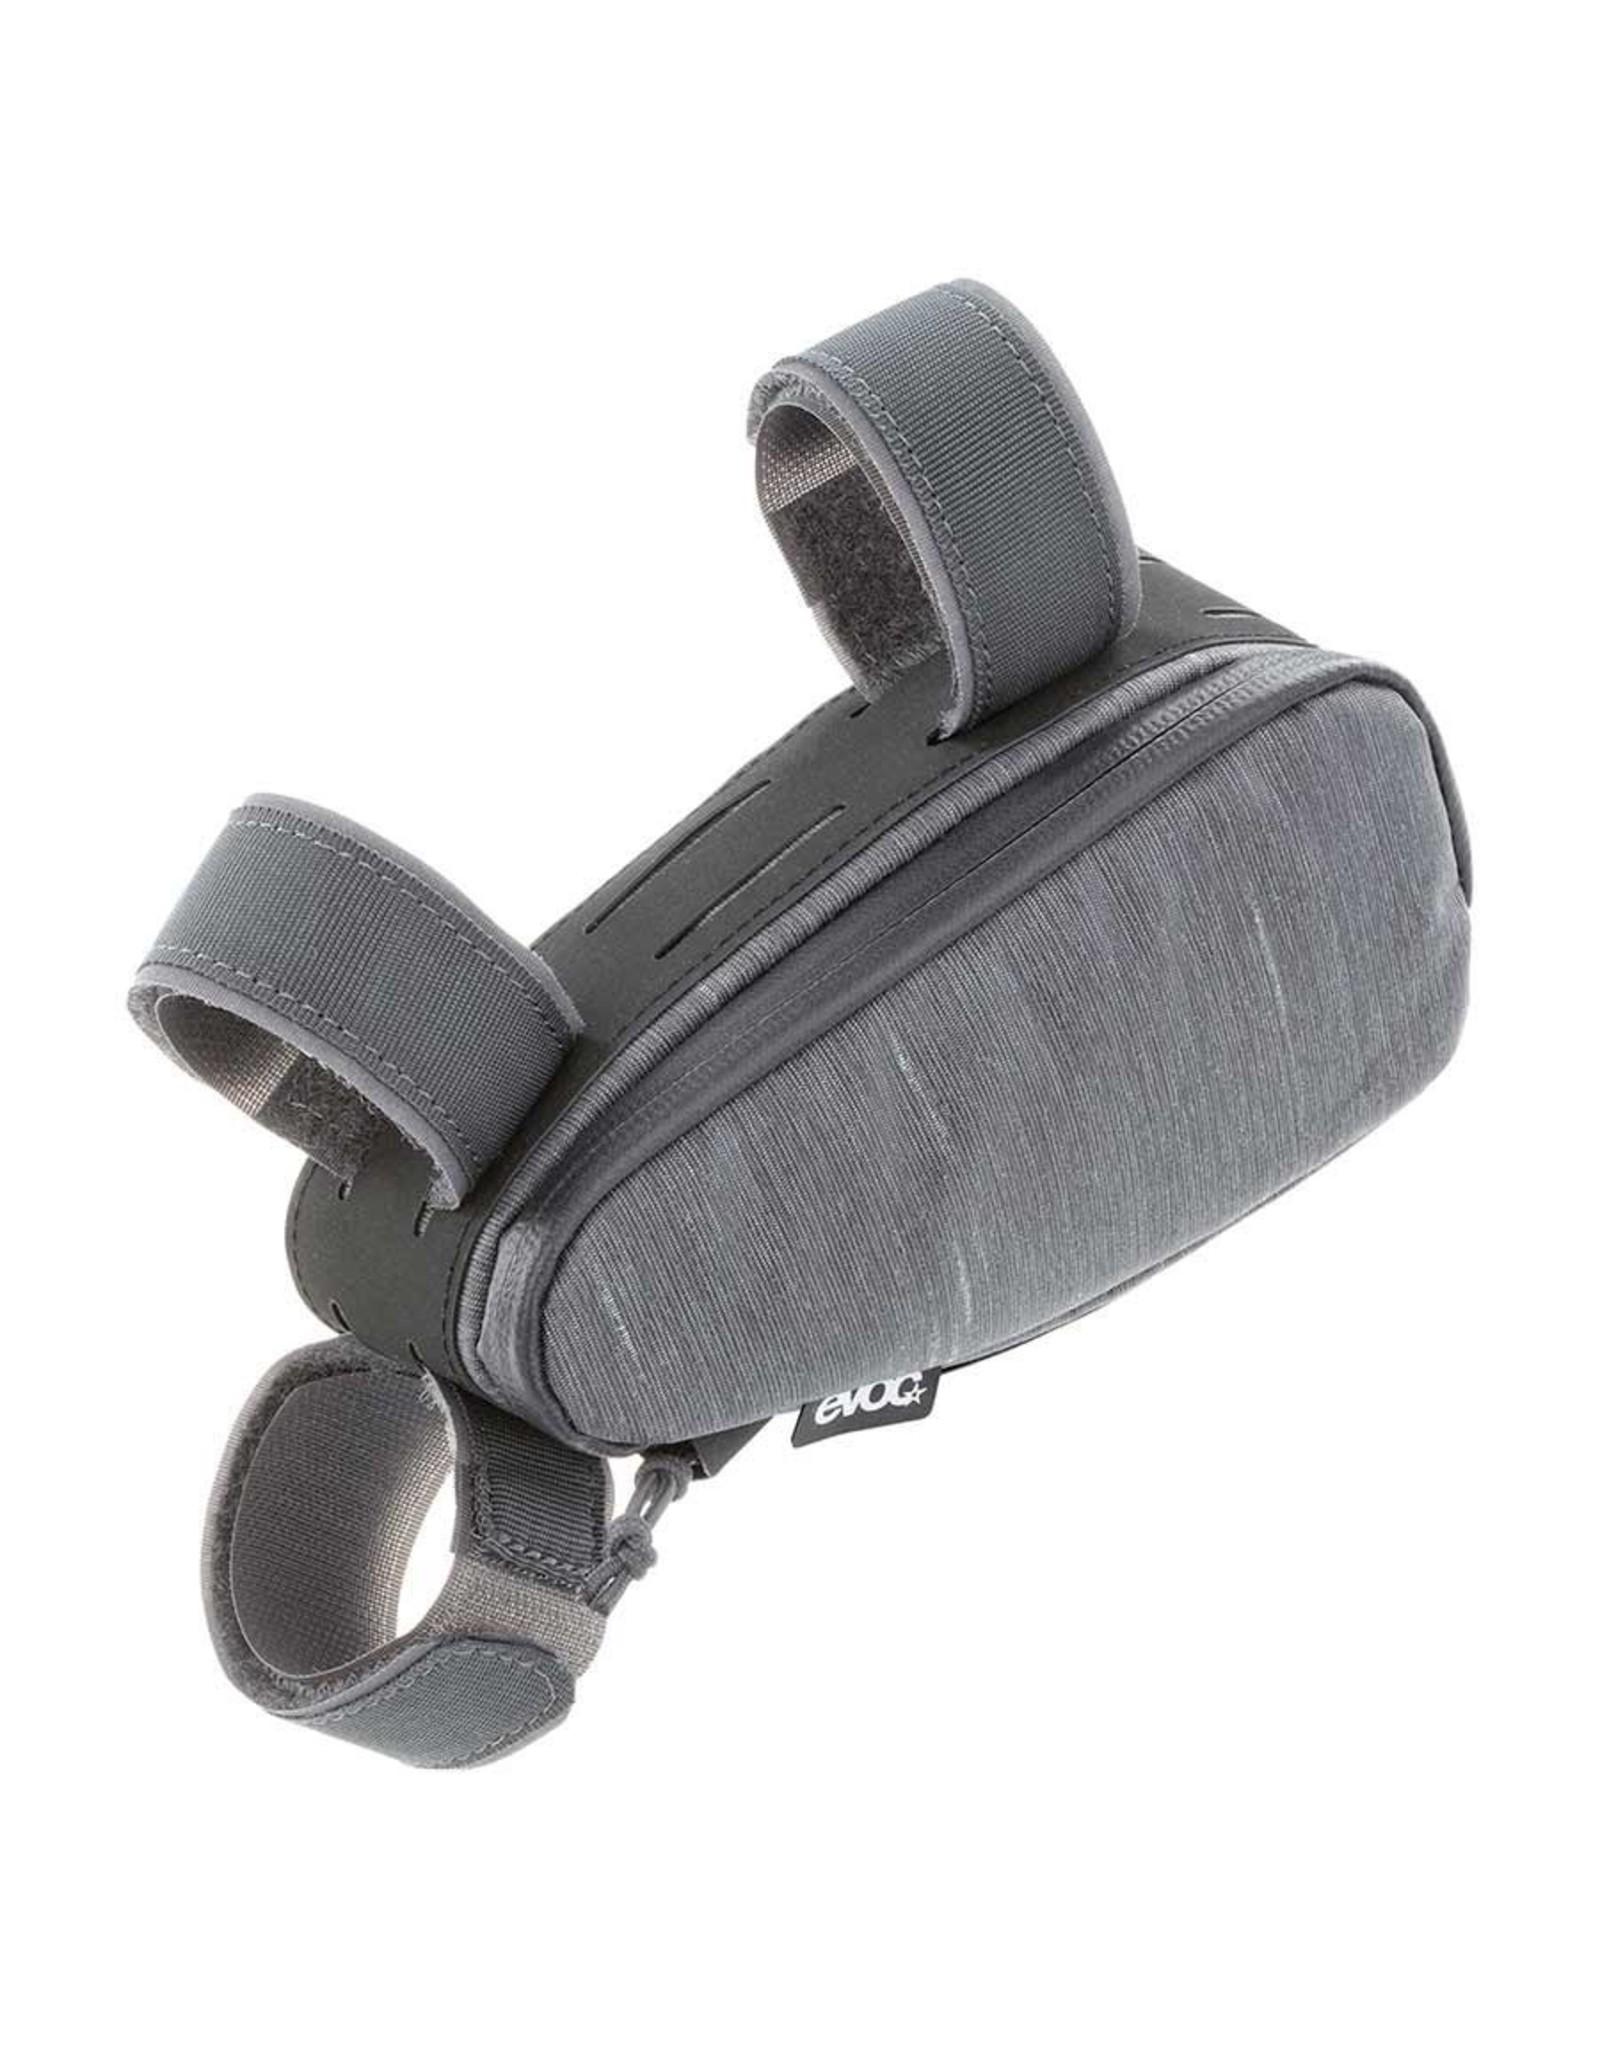 EVOC EVOC, Multi Frame Bag S, 0.7L, Carbon Grey